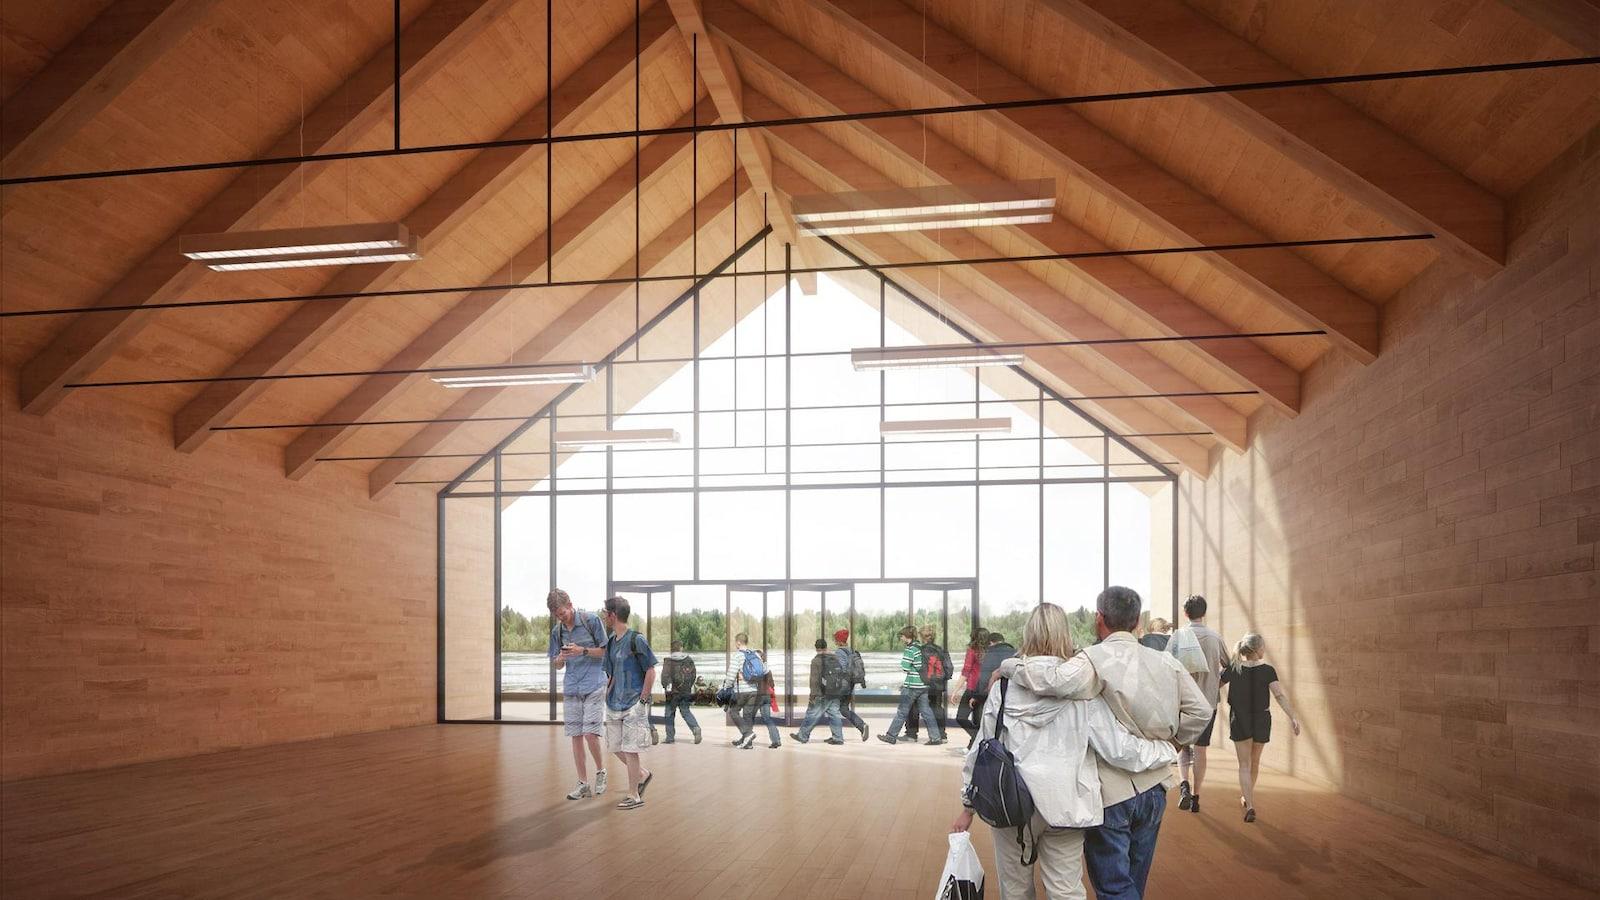 Un aperçu du nouveau pavillon de la Base de plein air de Sainte-Foy.